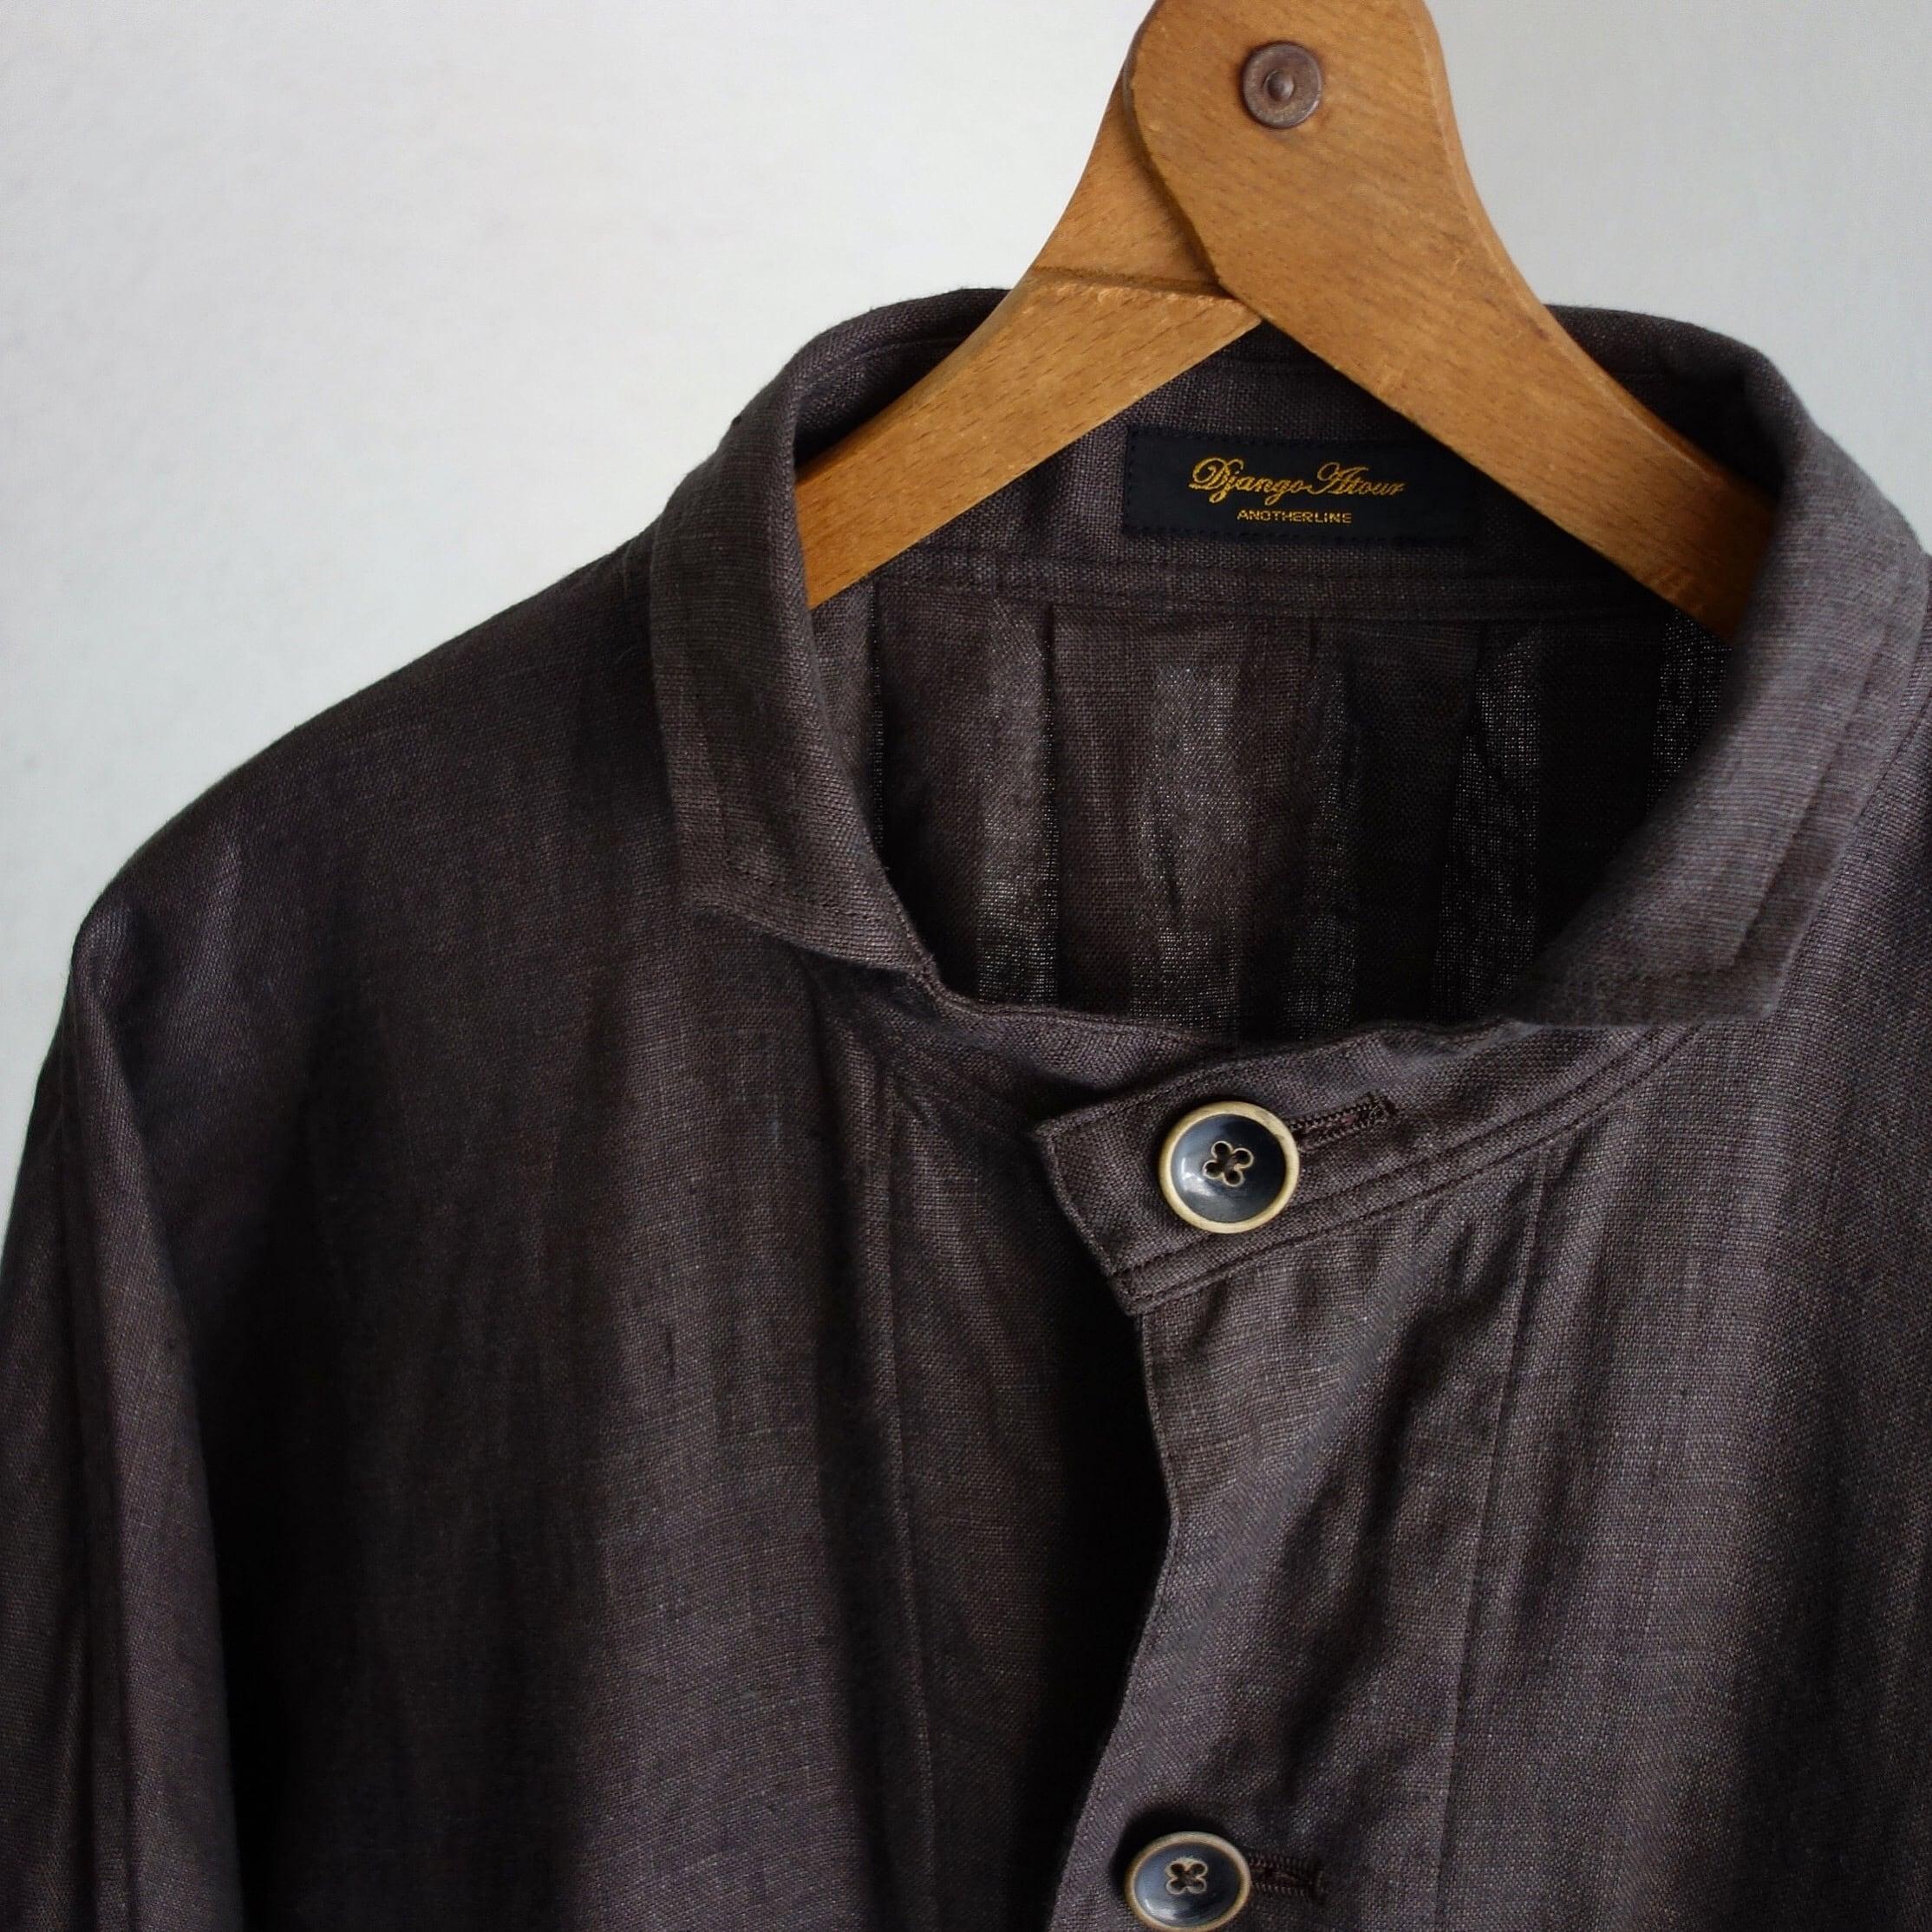 classic farmers heavylinen coat / antique charcoal